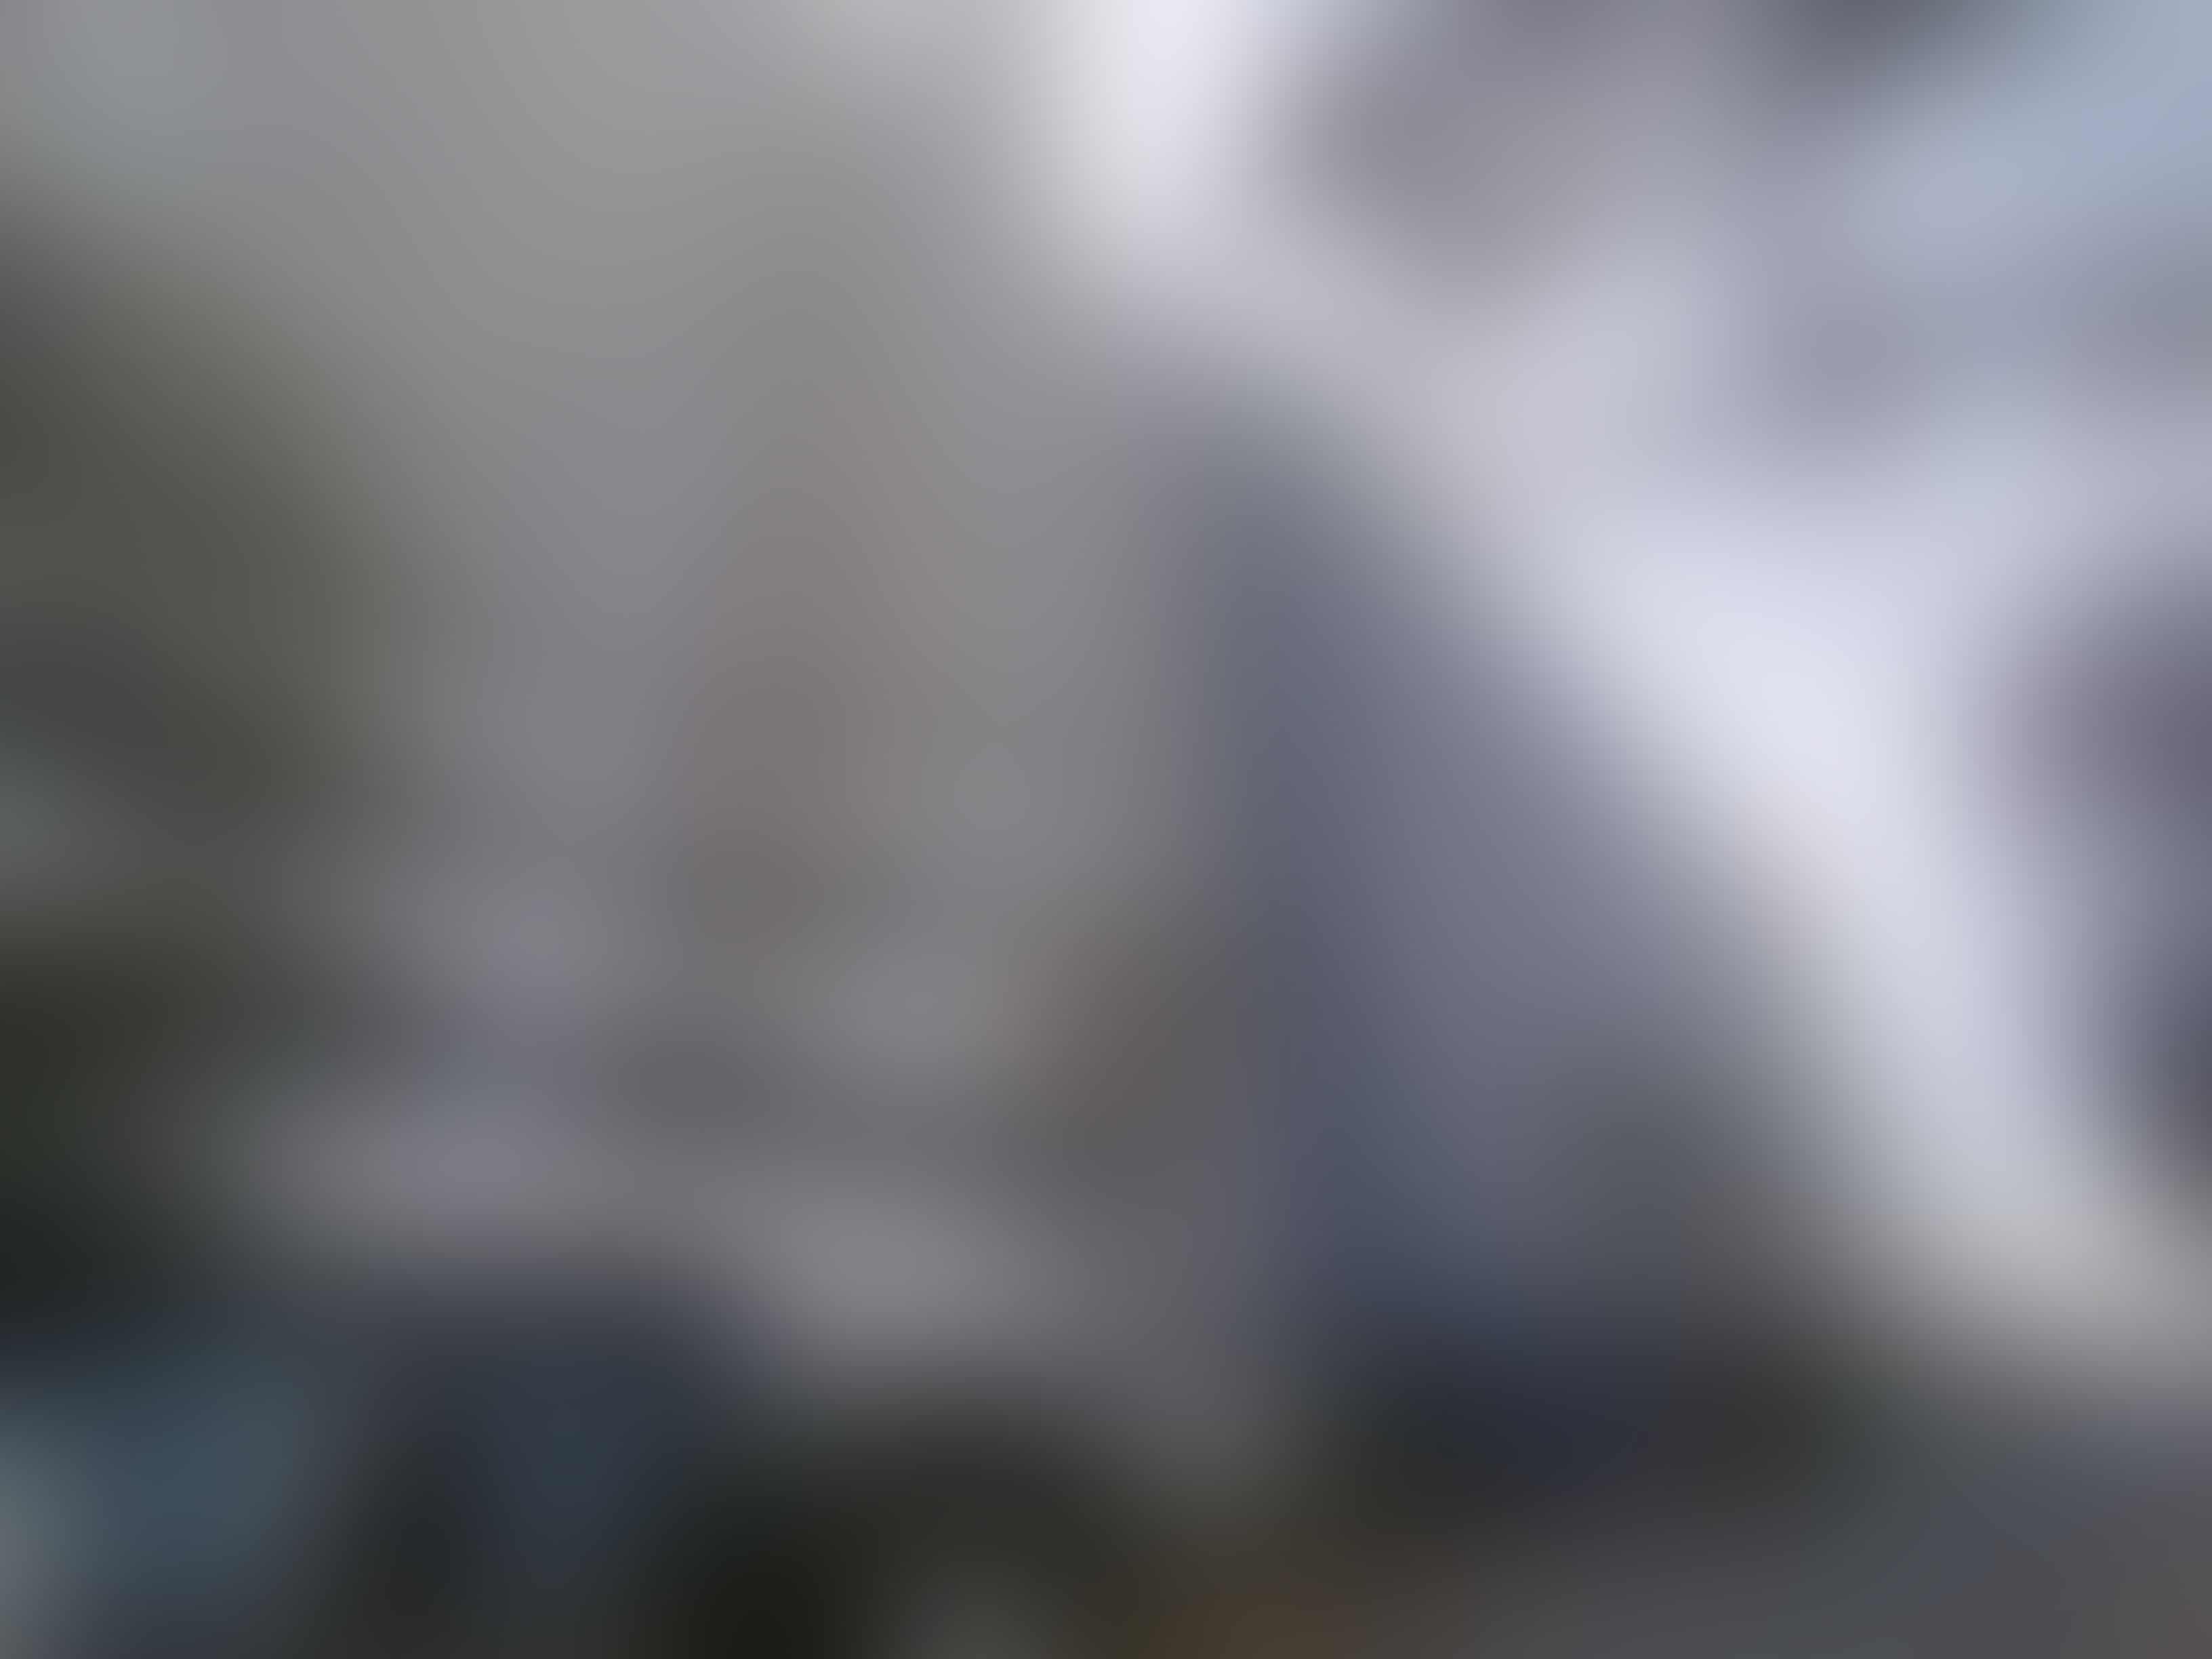 [埼玉県所沢市] 任意売却解決事例 事業低迷007写真